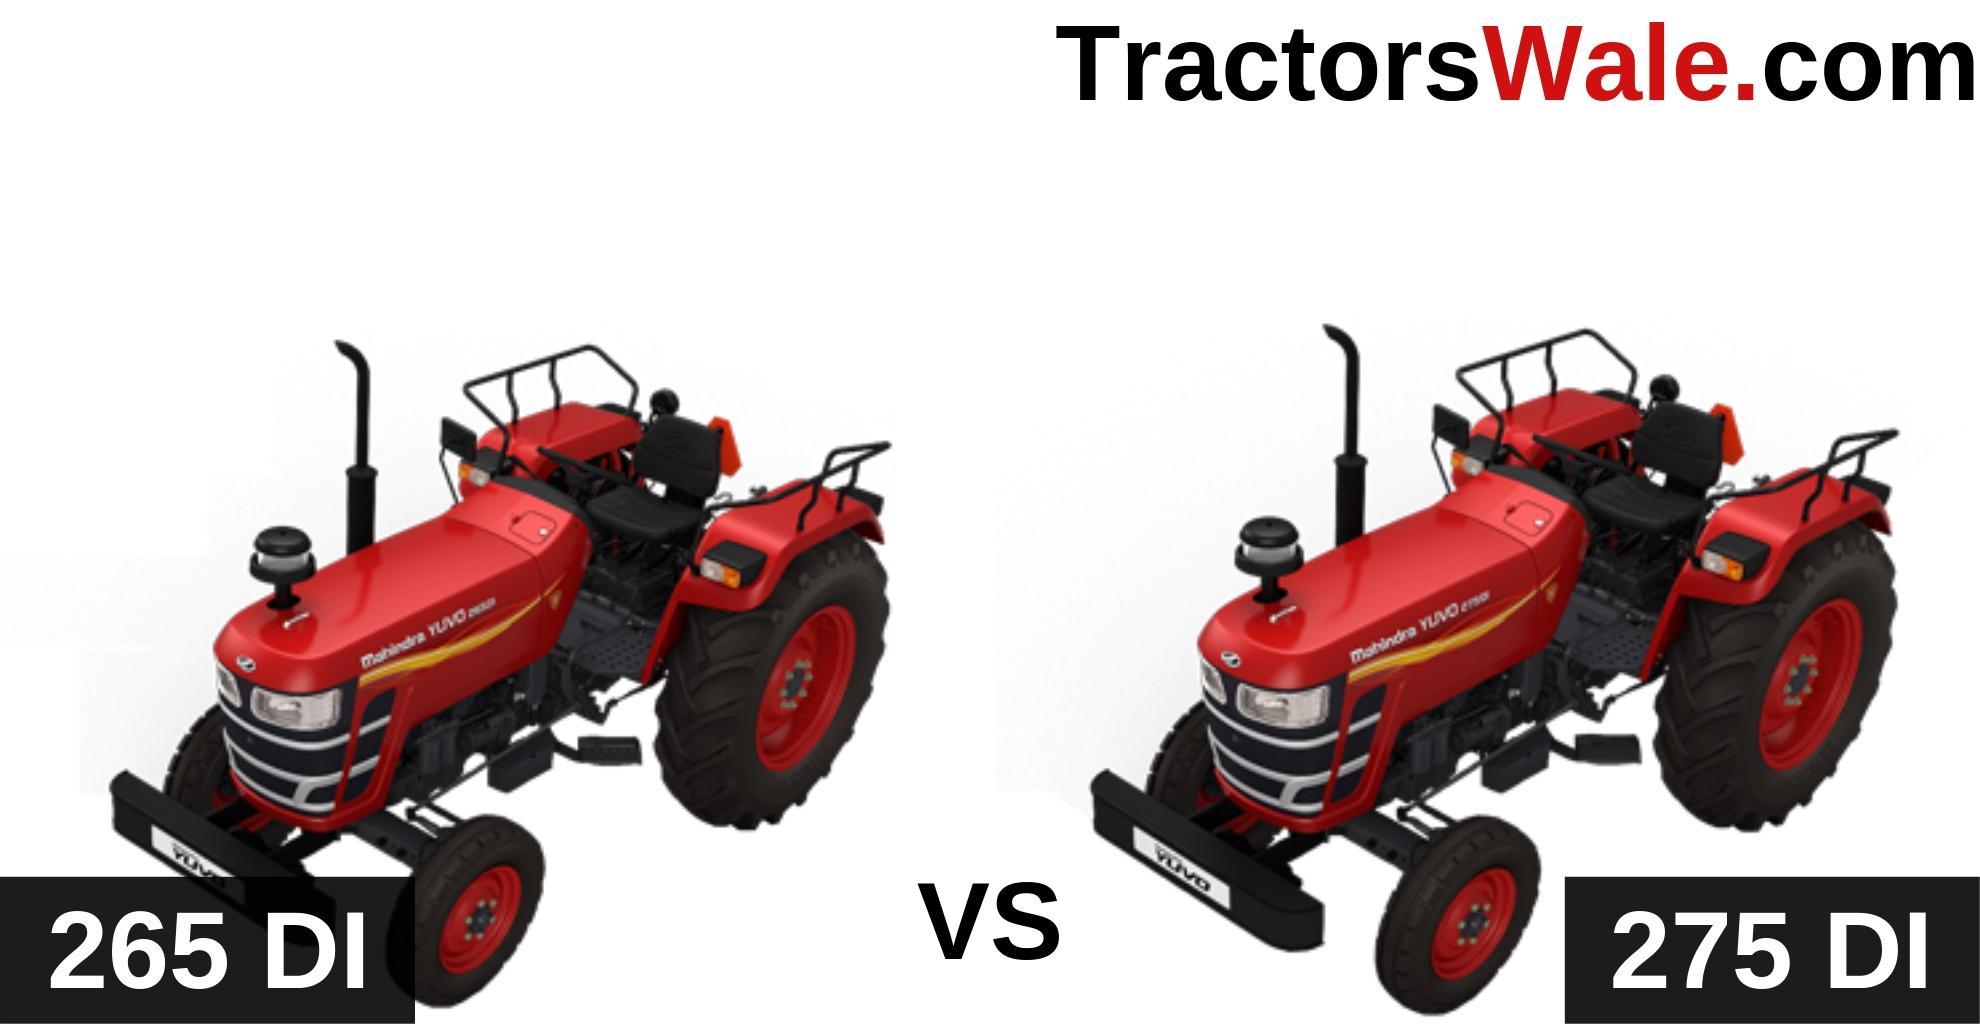 Mahindra Yuvo 265 DI vs Yuvo 275 DI Tractor Comparison